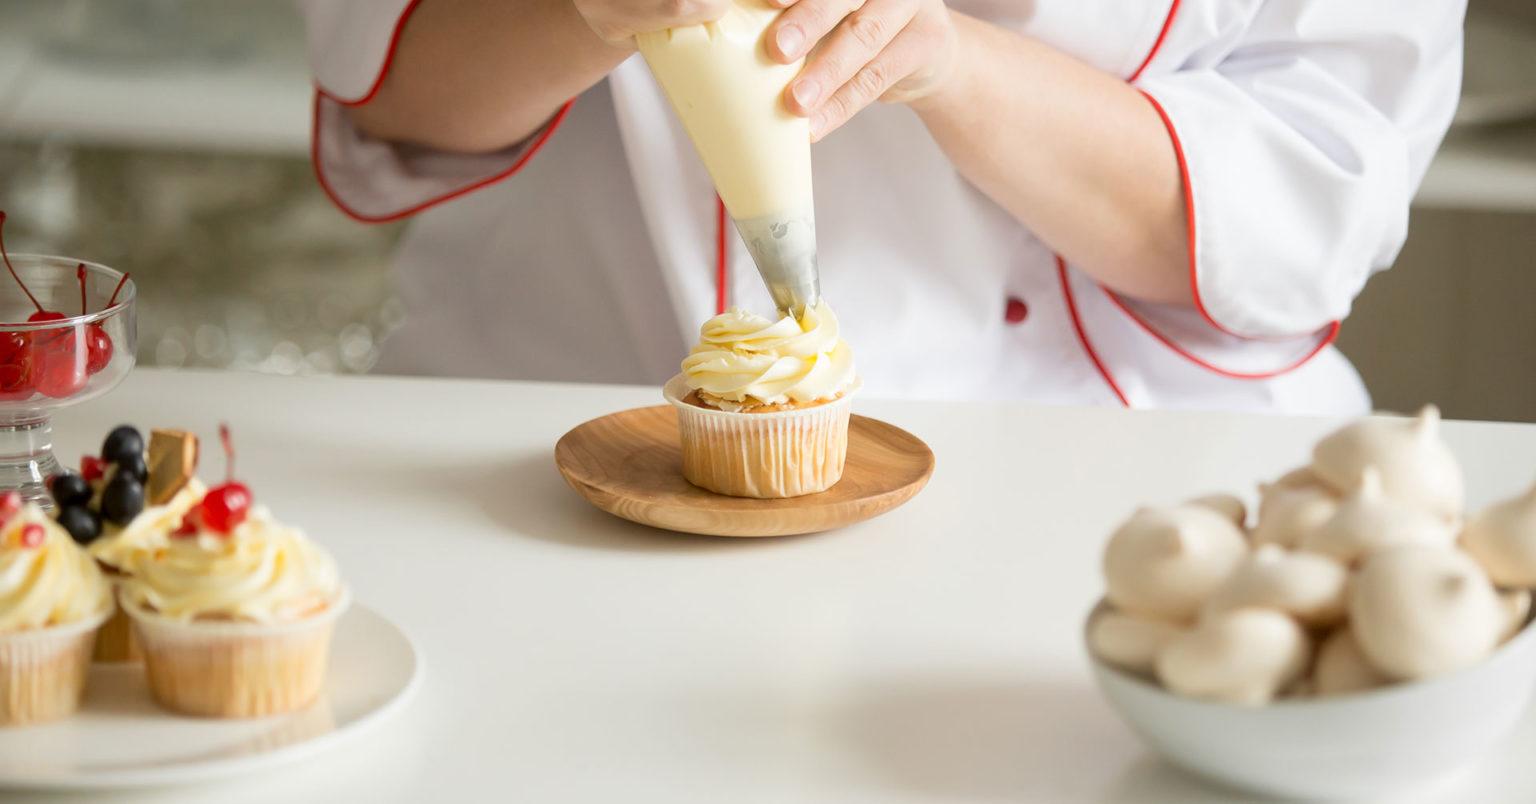 Crema pastelera sin gluten